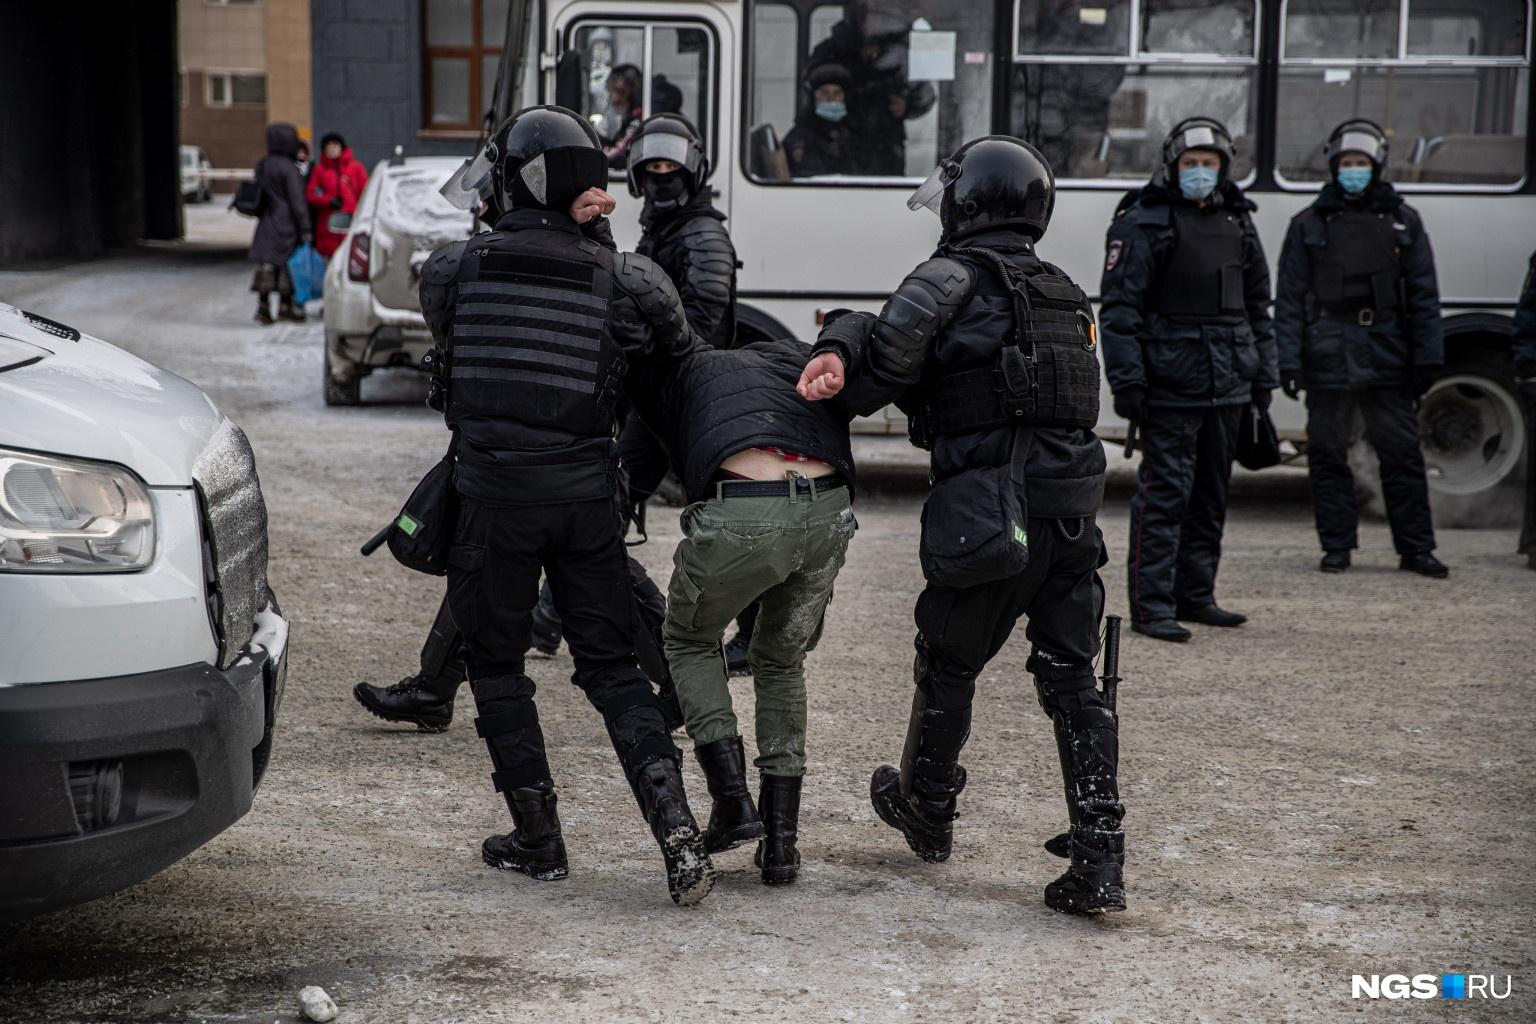 По различным подсчетам, количество задержанных варьируется от 54 до 100 человек